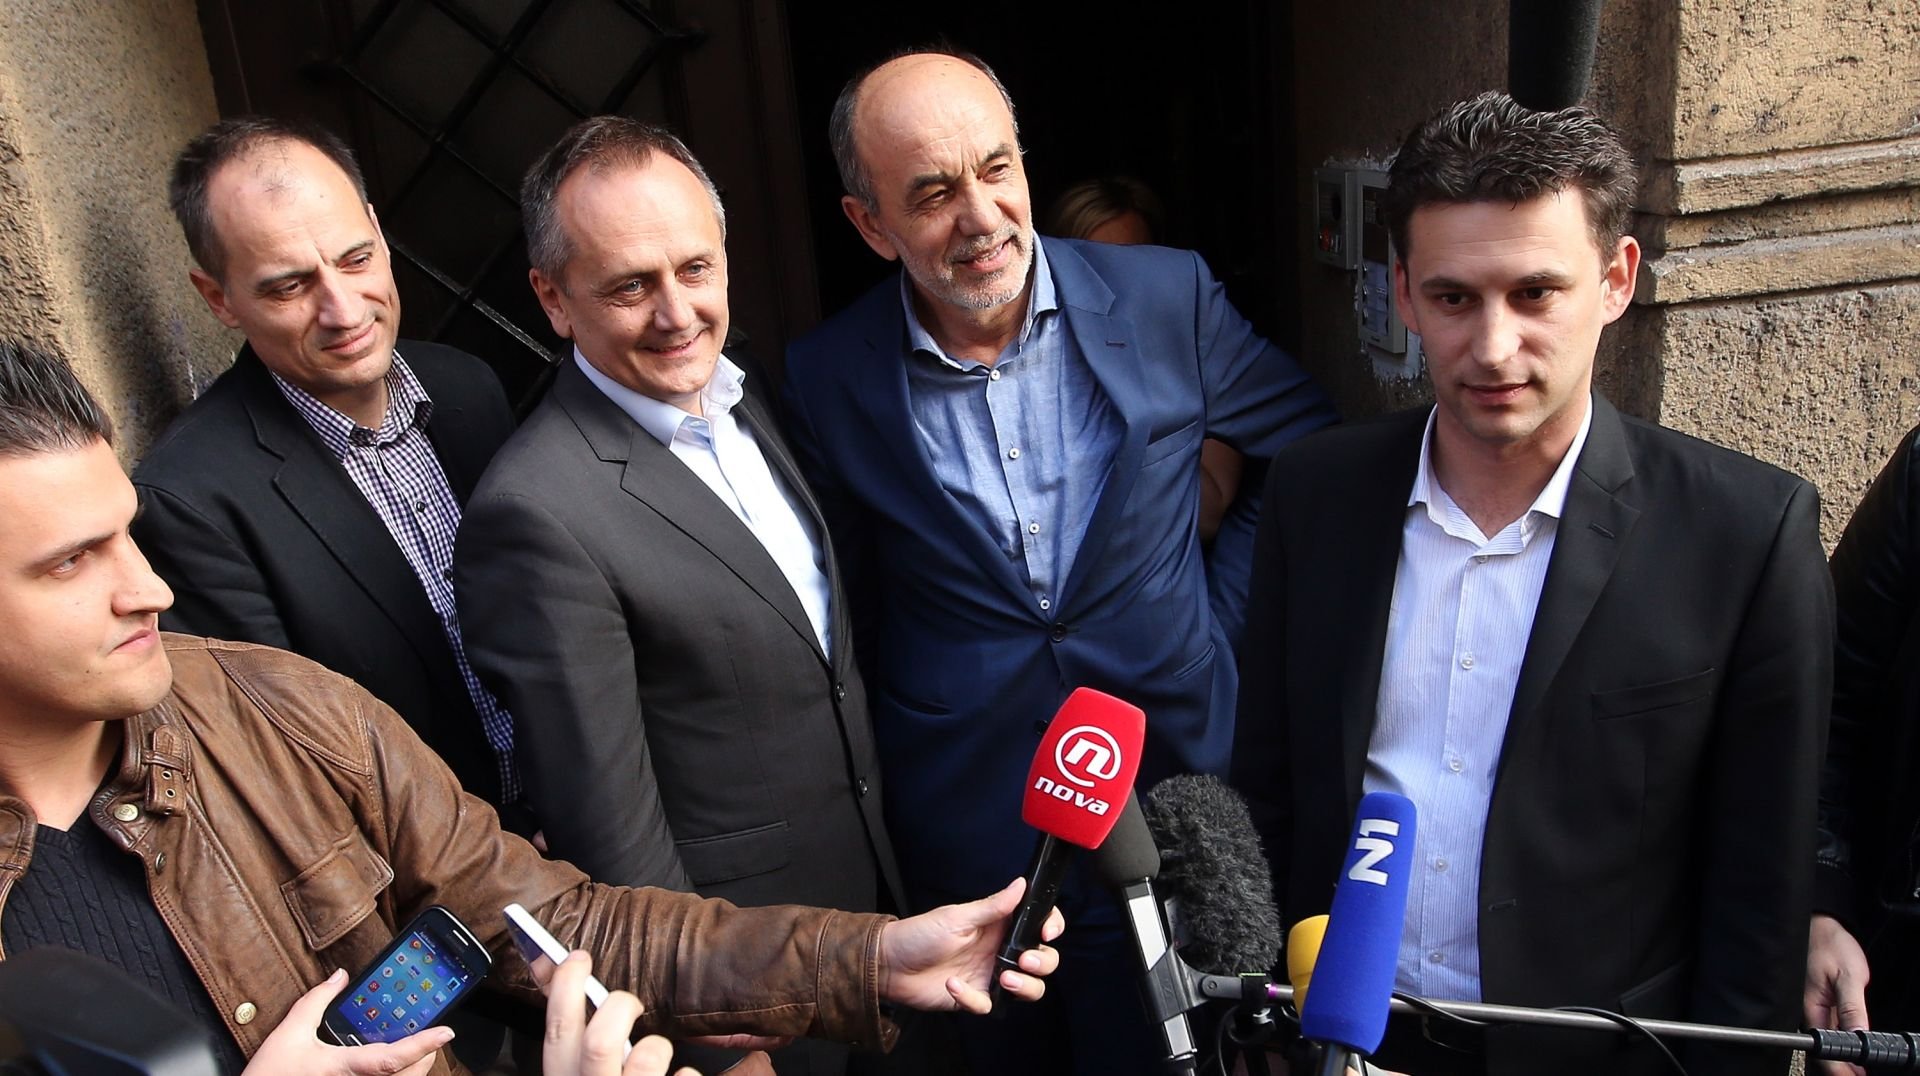 MOST ODRŽAO SASTANAK Govorilo se o reformama, ne o koalicijama, nije nam namjera prouzročiti ustavnu krizu